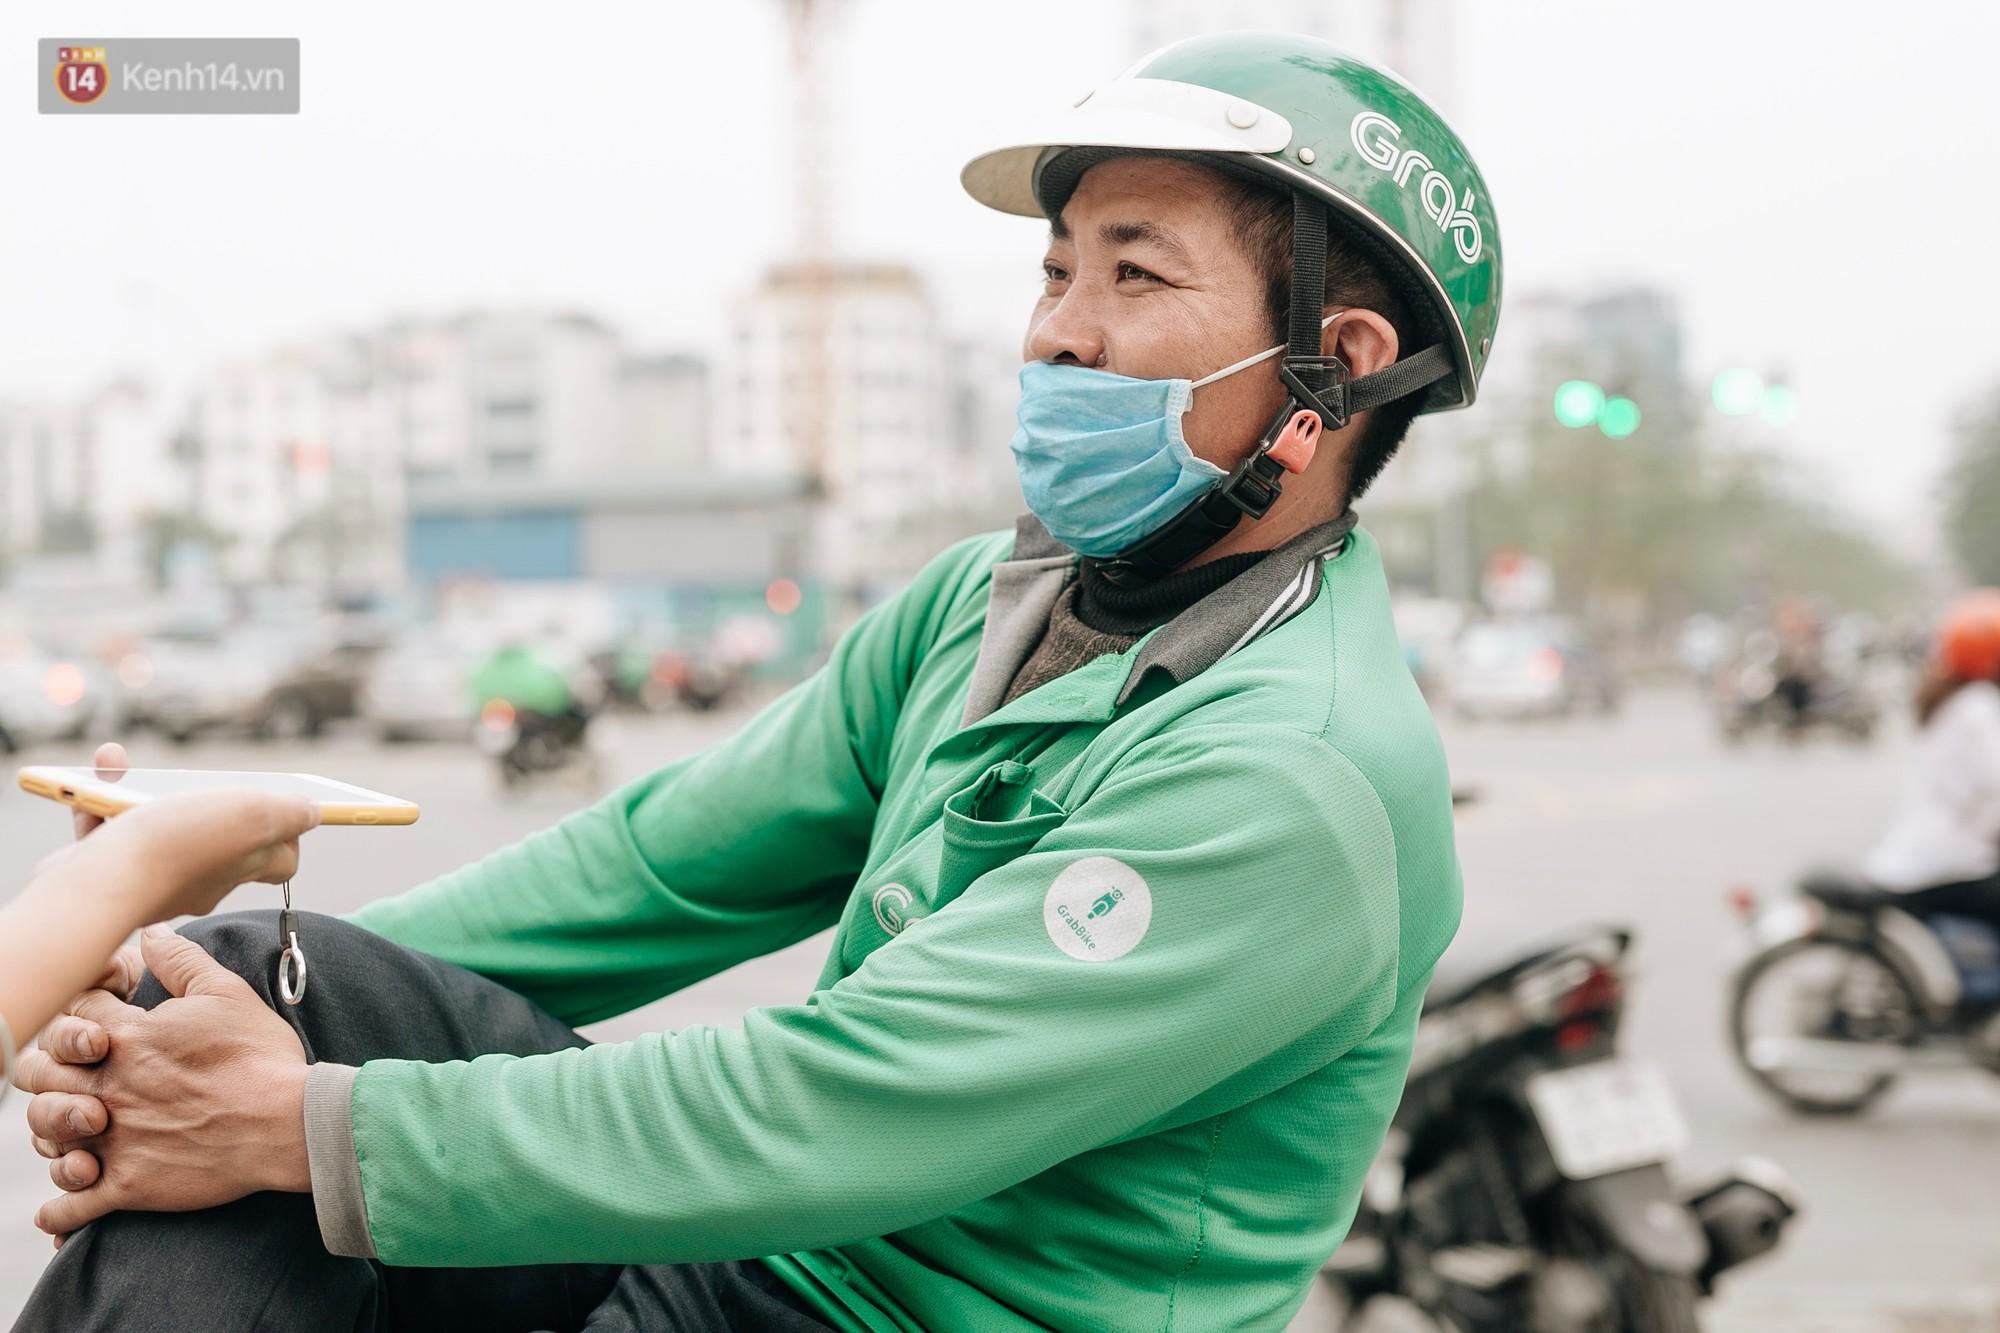 Chuyên gia và người dân nói về thí điểm cấm xe máy trên 2 tuyến đường ở Hà Nội: Phải có lộ trình, sau đó từng bước phát triển hạ tầng, giao thông công cộng - Ảnh 3.